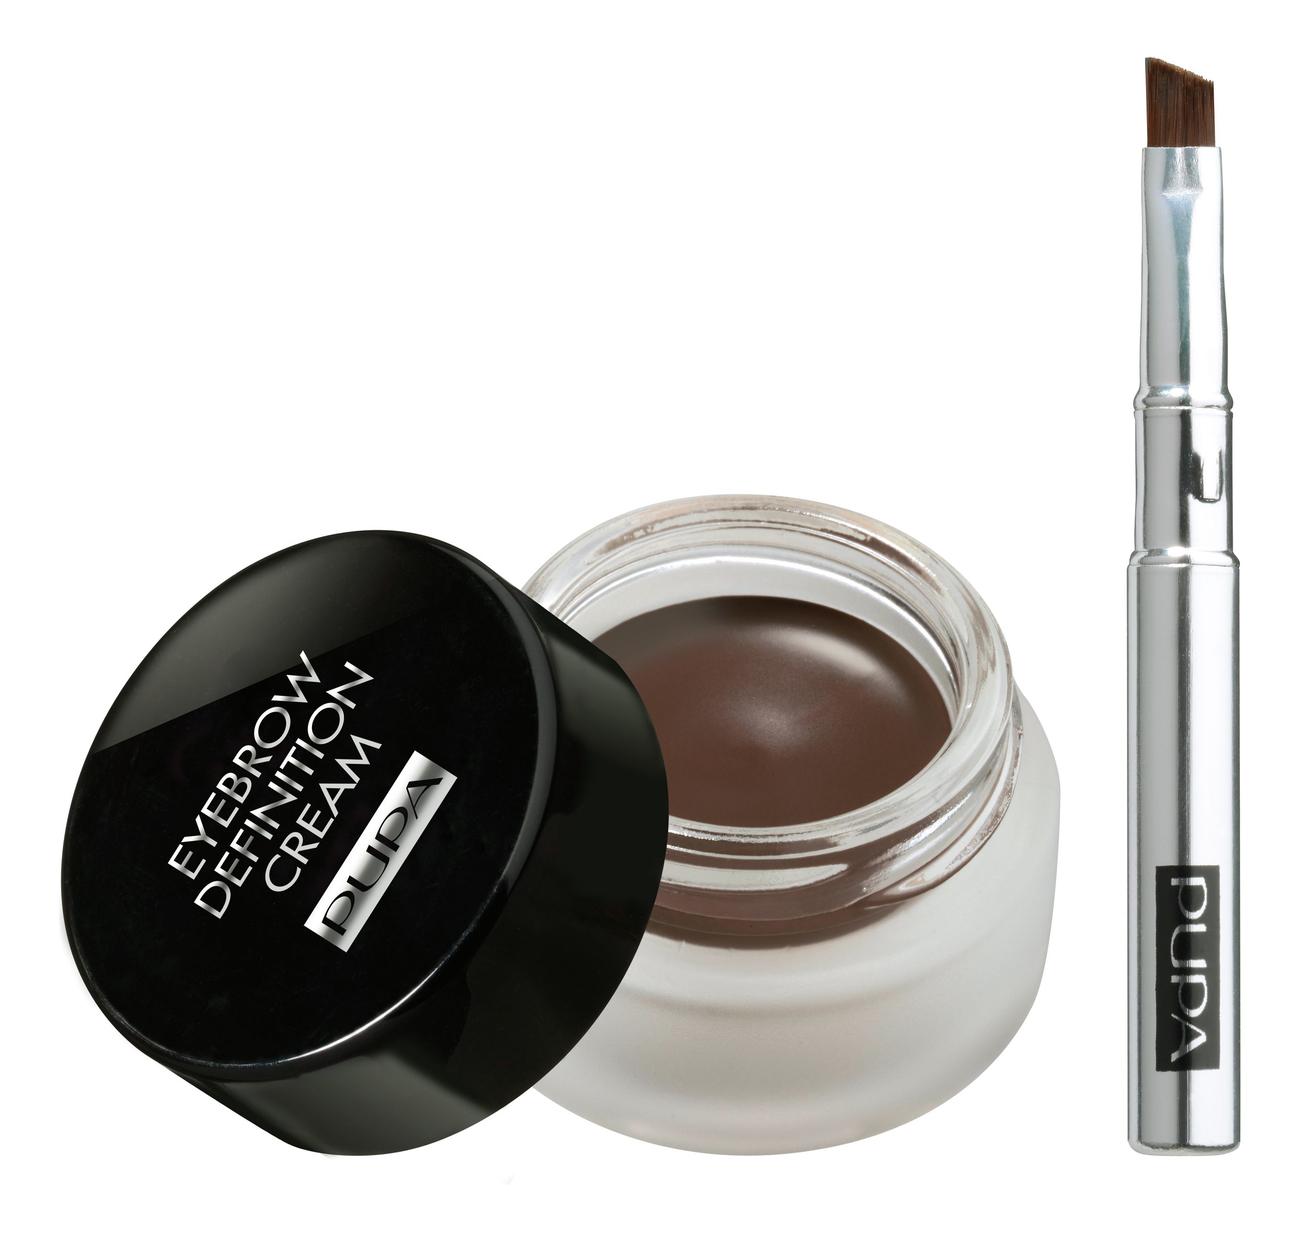 Крем для бровей Eyebrow Definition Cream 2,7мл: 003 Cocoa